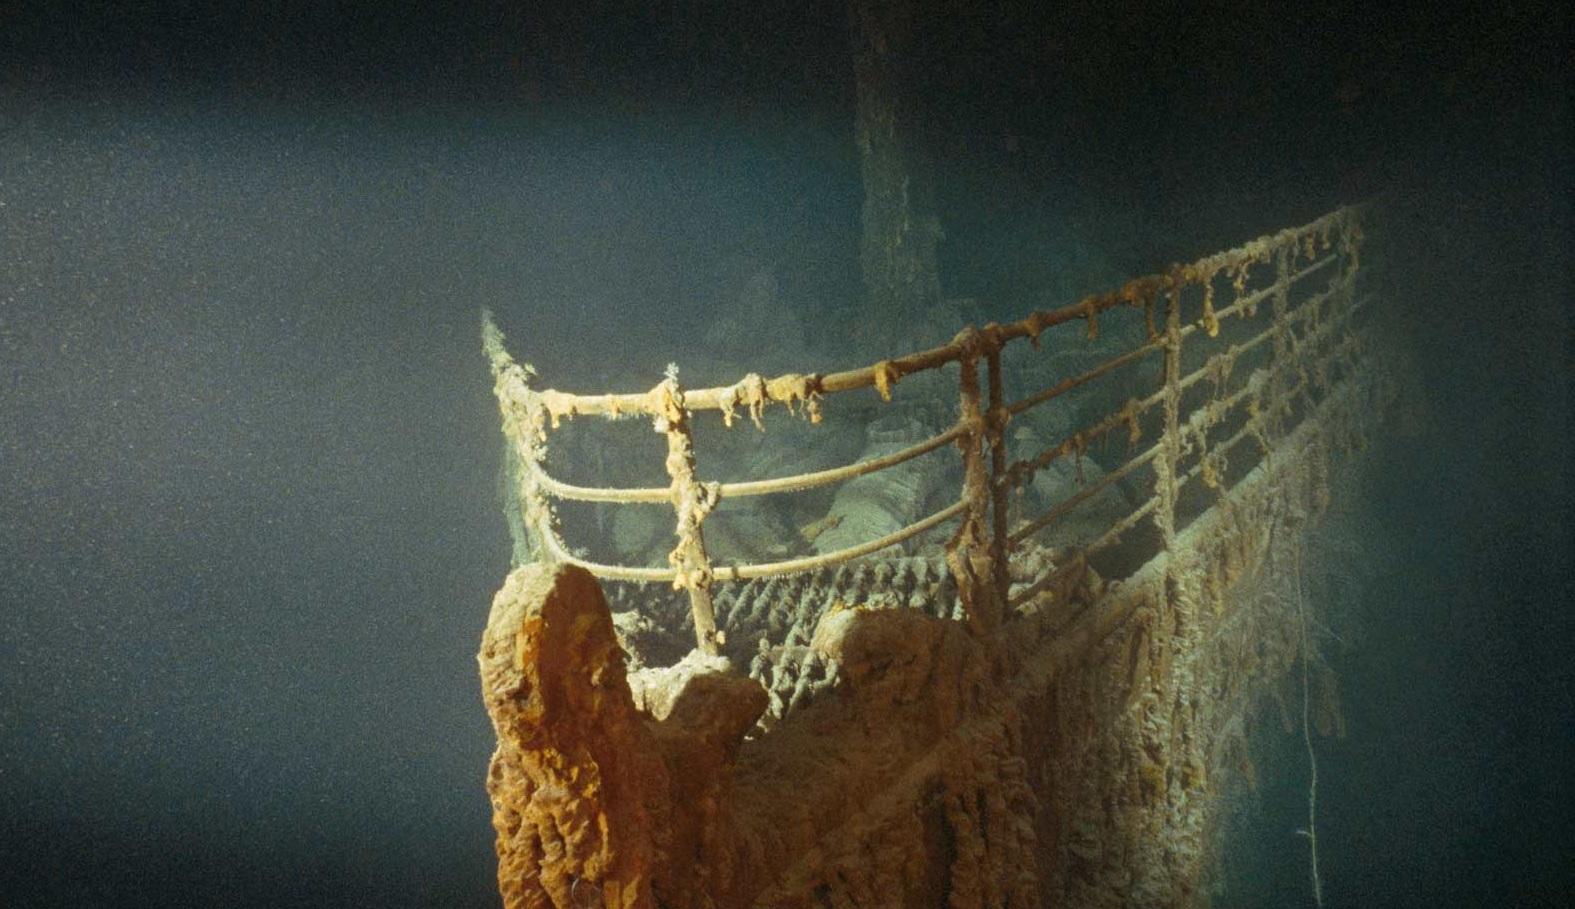 Титаник до сих пор находится под наблюдением различных организаций